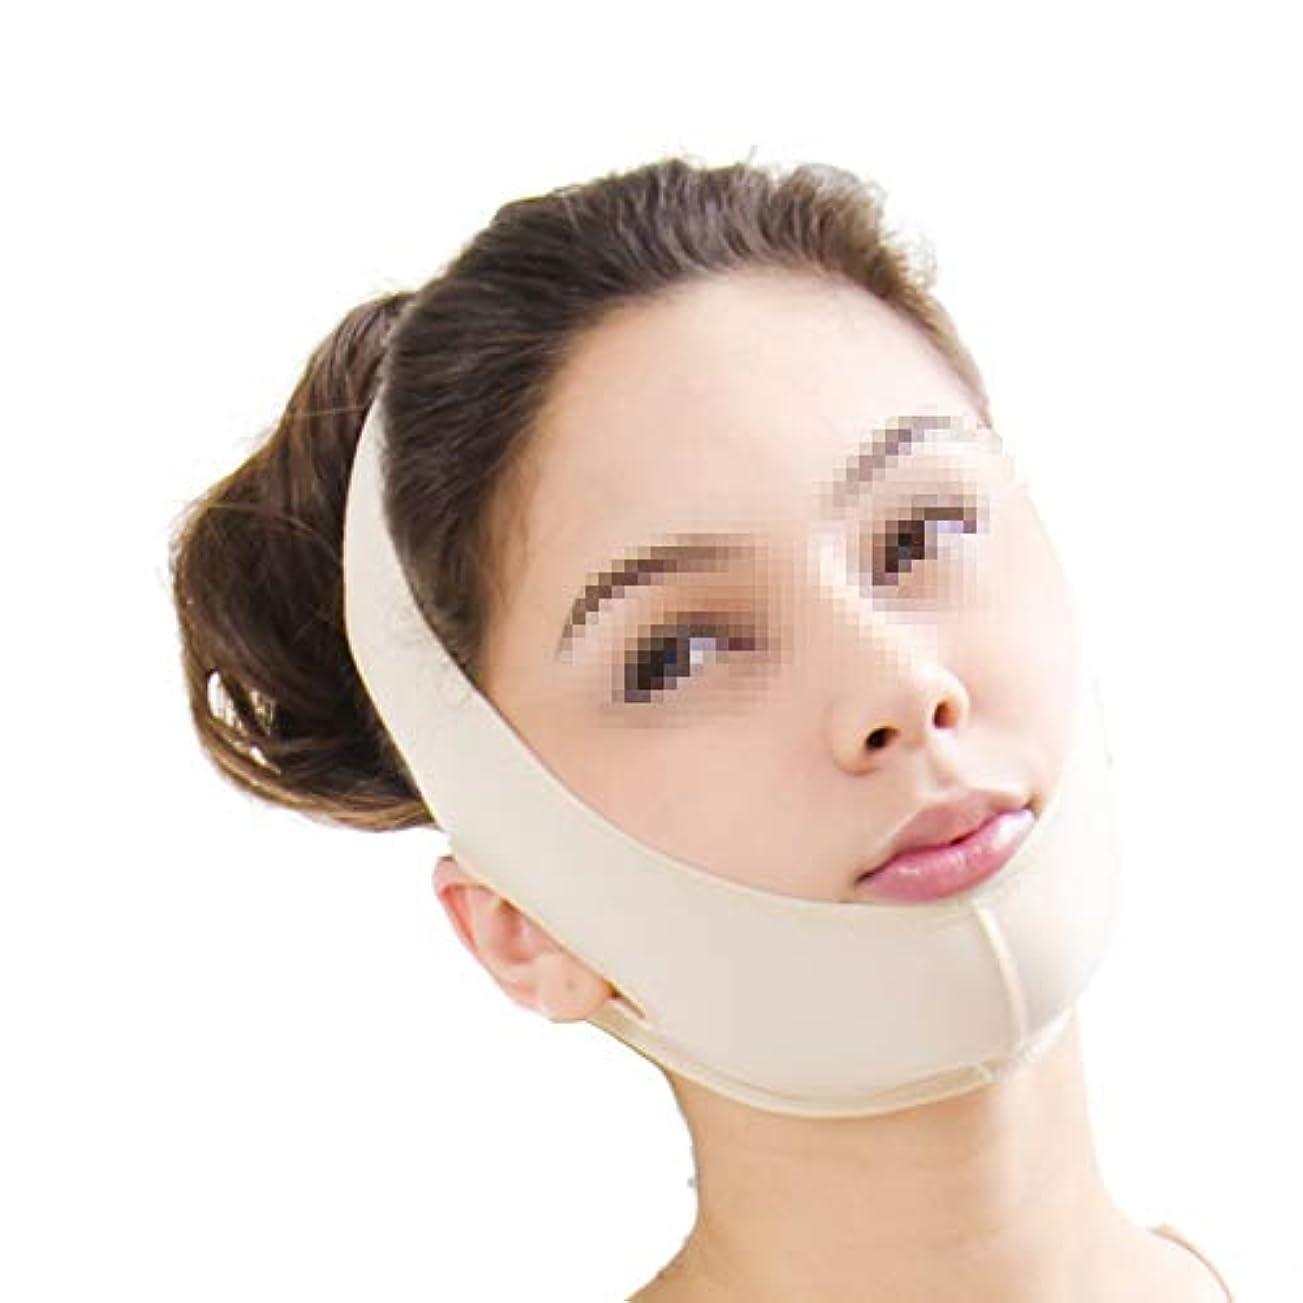 振る舞いロッド見分けるXHLMRMJ フェイスリフトマスク、圧縮後の顎顔面二重あご化粧品脂肪吸引小さな顔包帯弾性ヘッドギア (Size : XL)